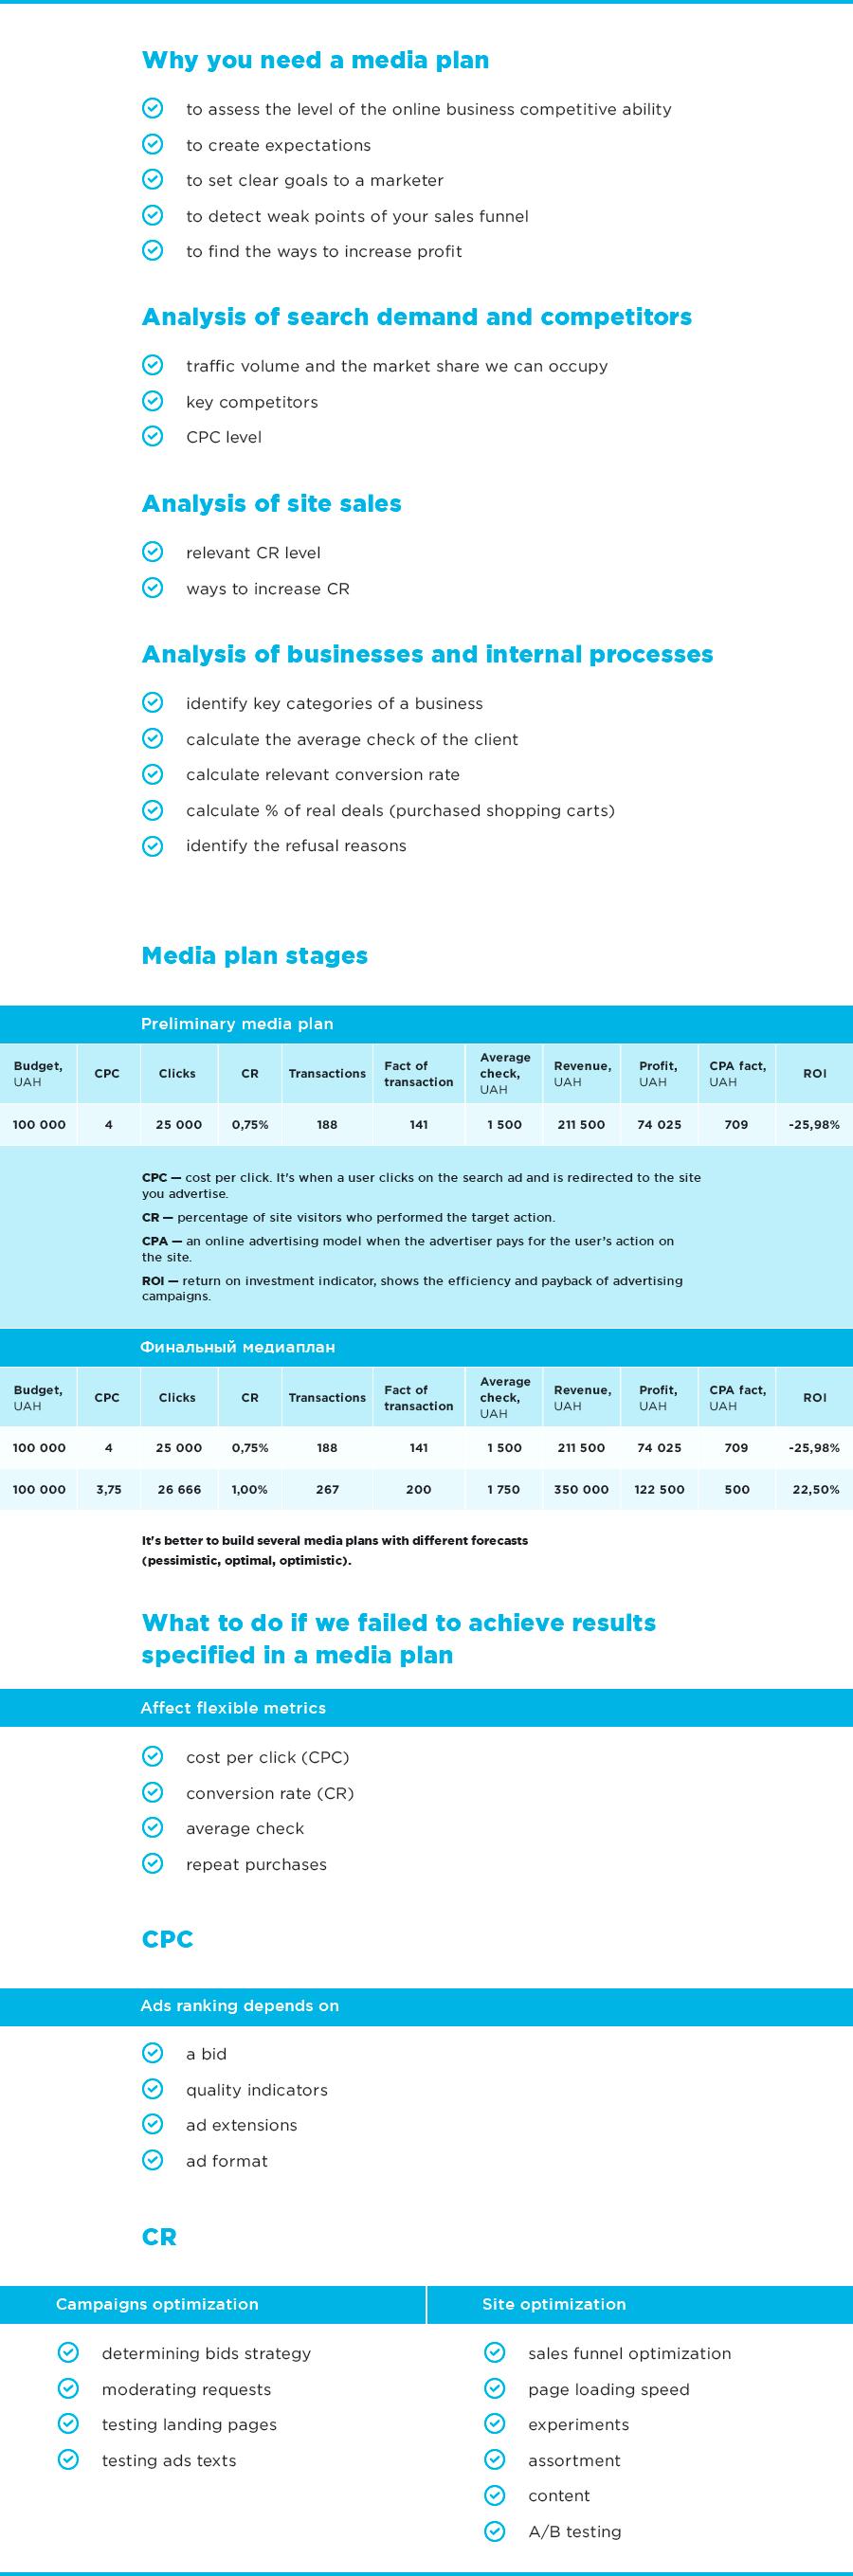 A media plan